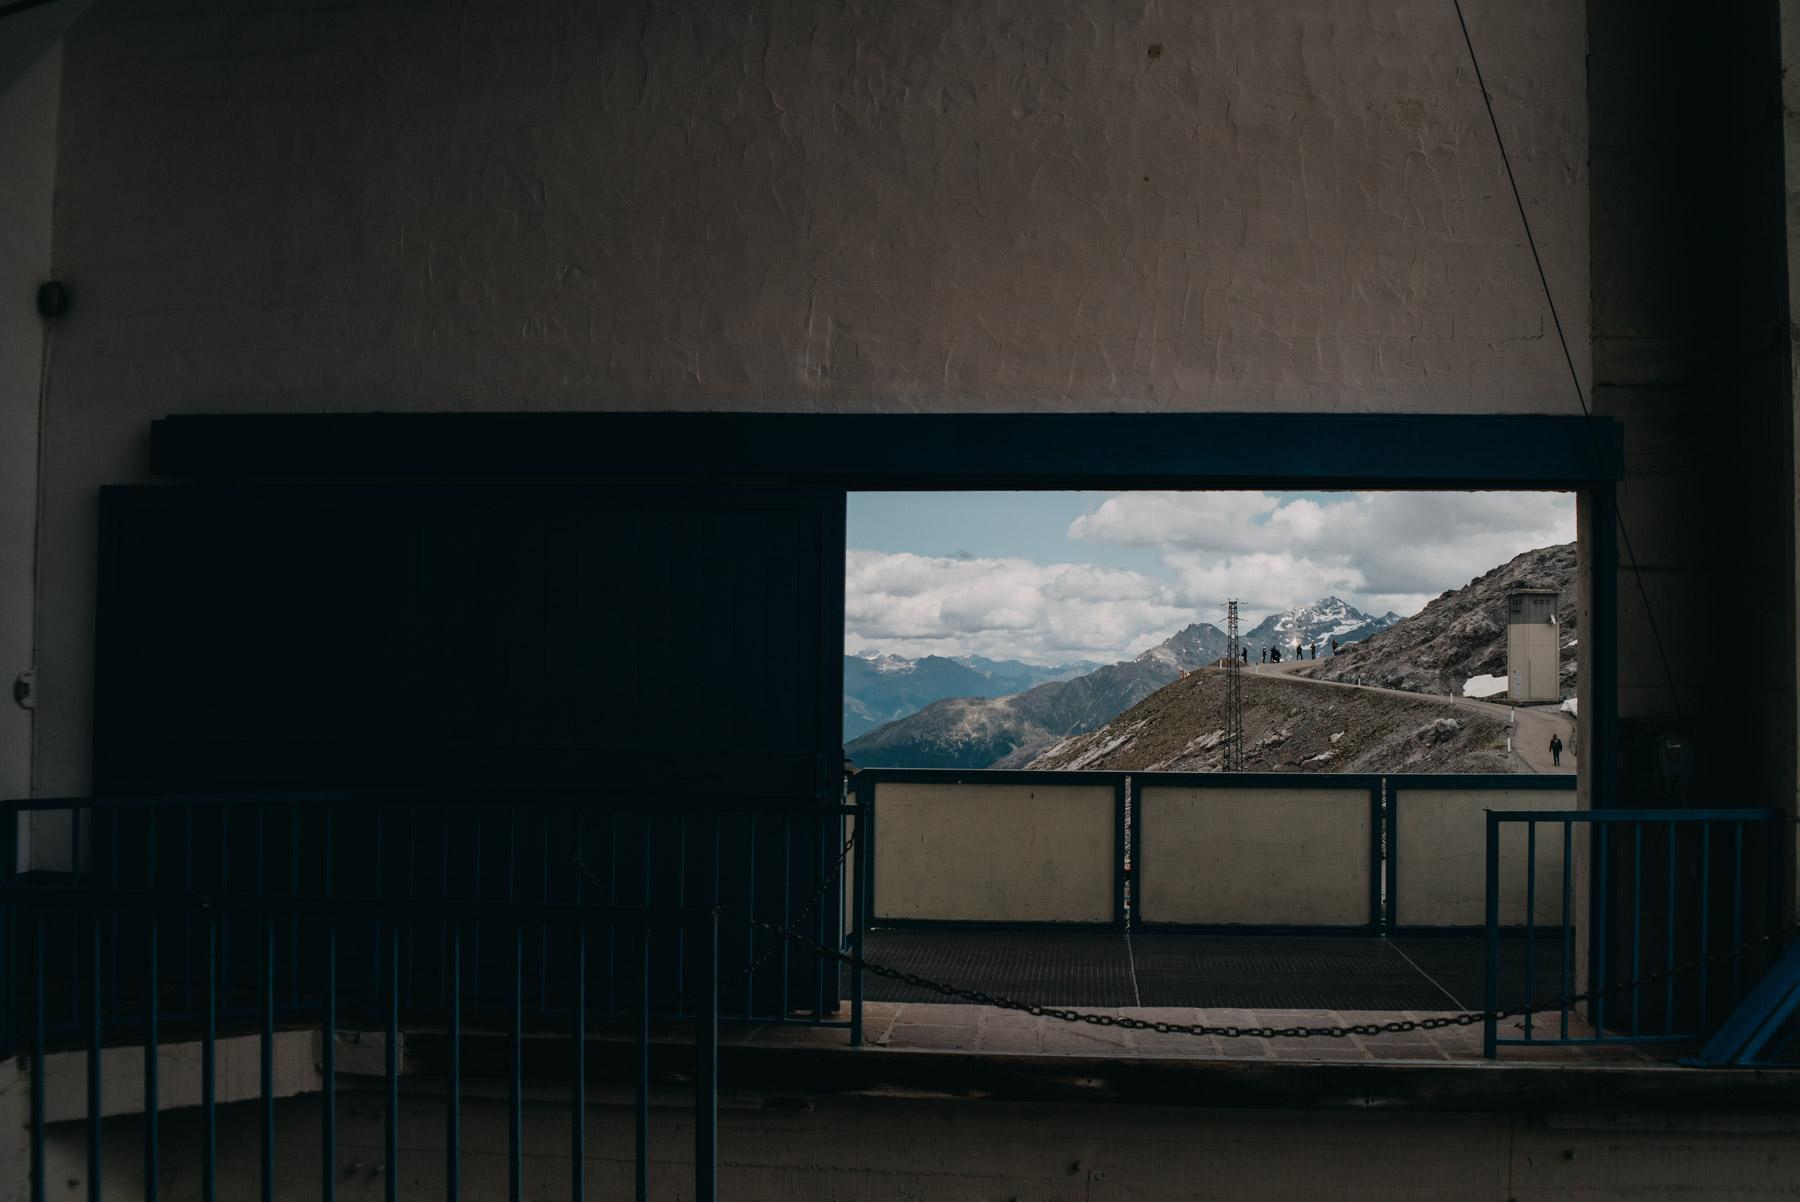 Funivia sul passo dello Stelvio, cableway on the Stelvio pass